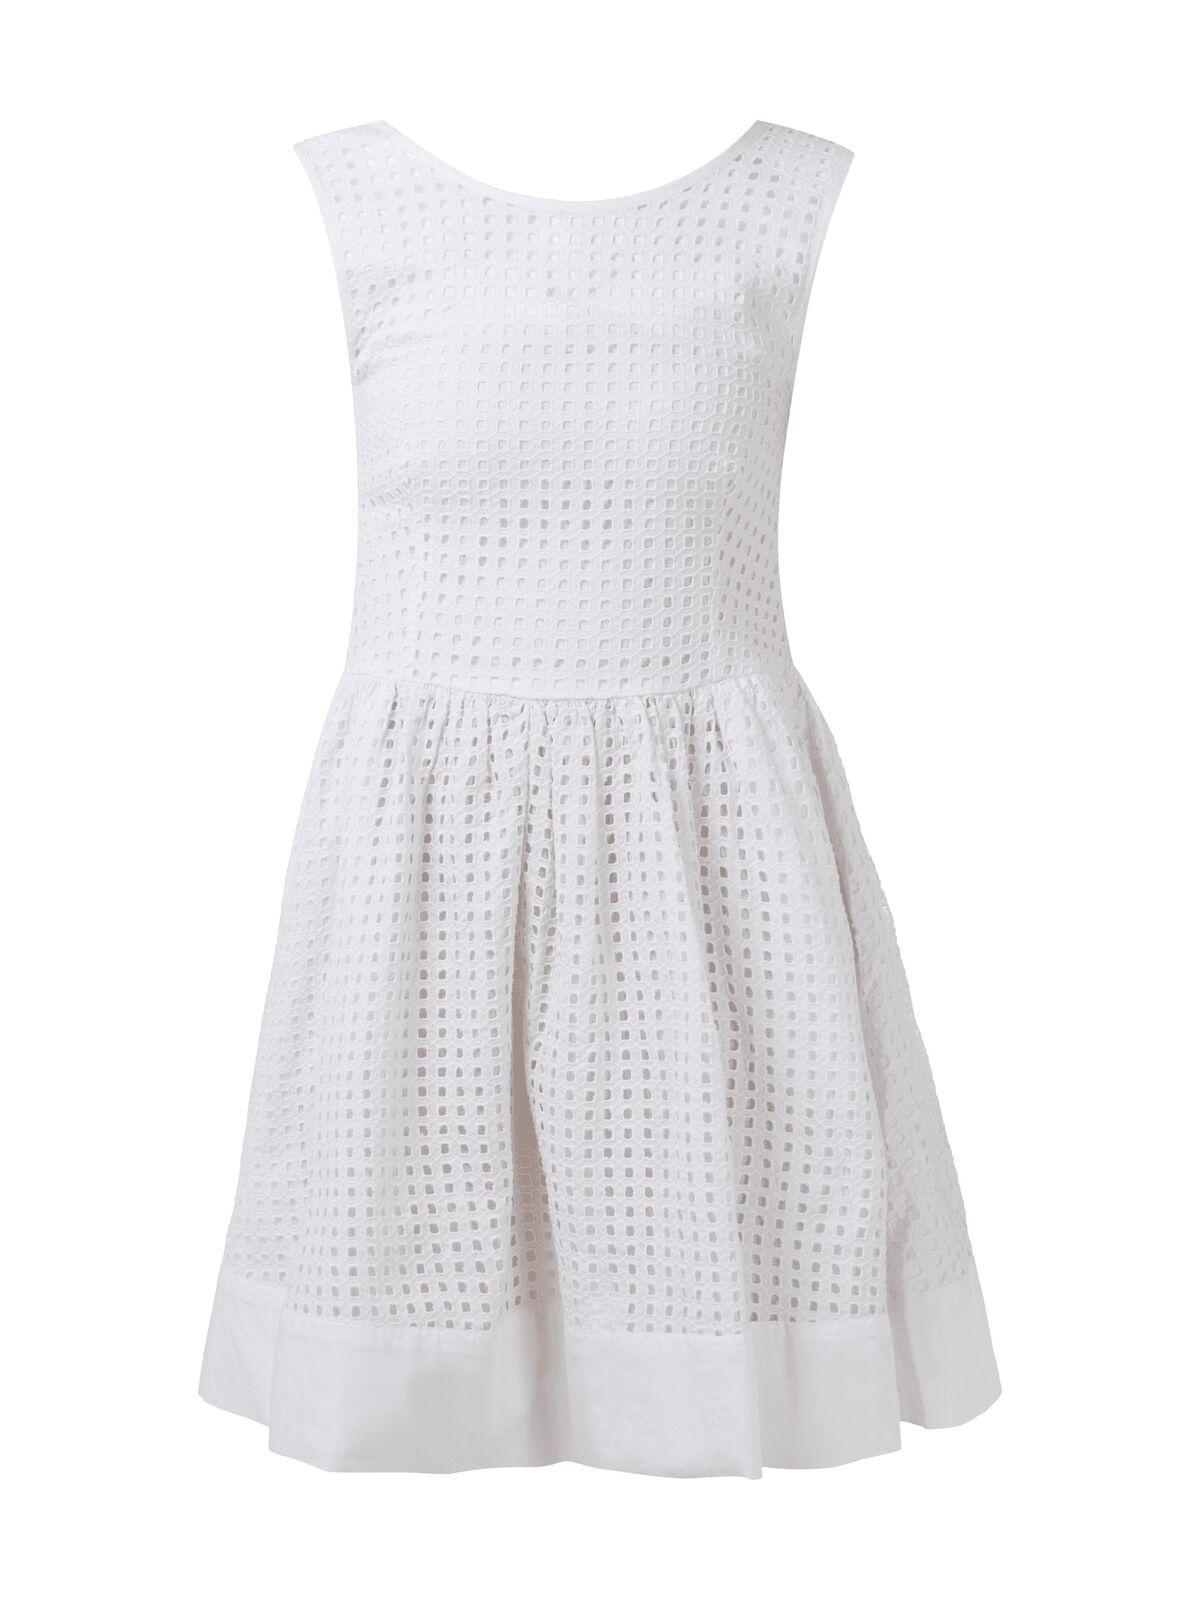 Hilfiger Denim Kleid mit Lochmuster Damen Kleid Weiss NEU Größe S XS